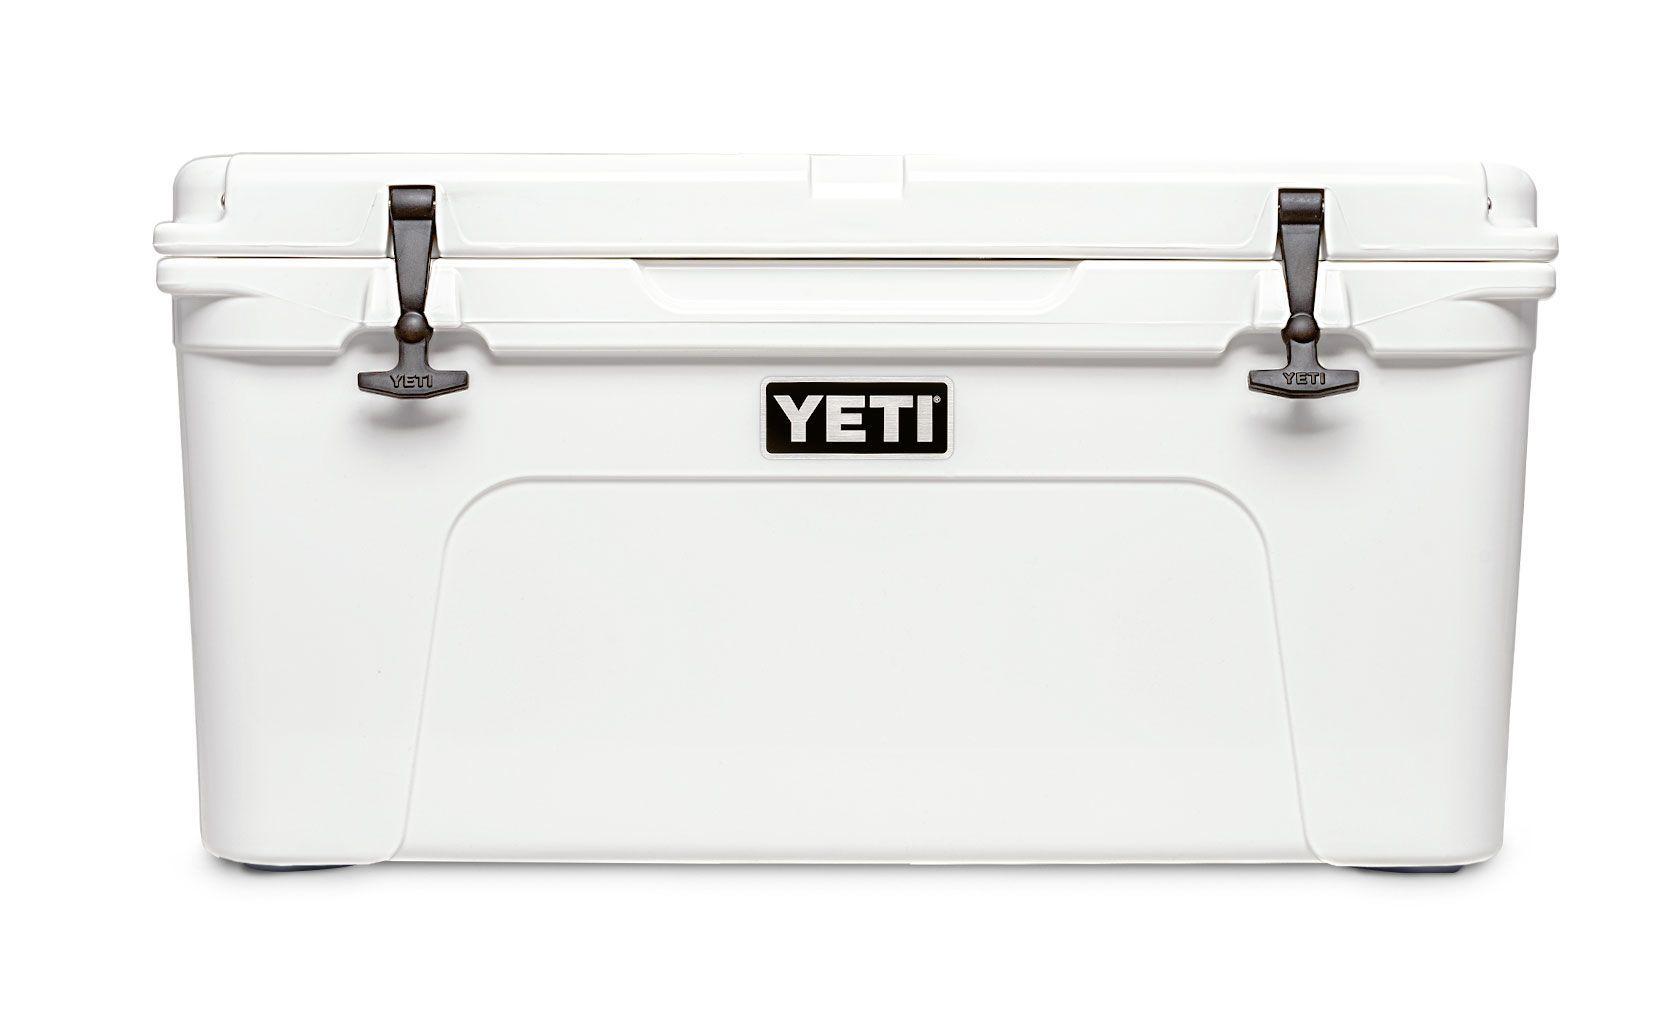 Yeti Tundra 65 Qt Insulated Cooler White 228 0 Yeti Tundra Yeti Cooler Yeti